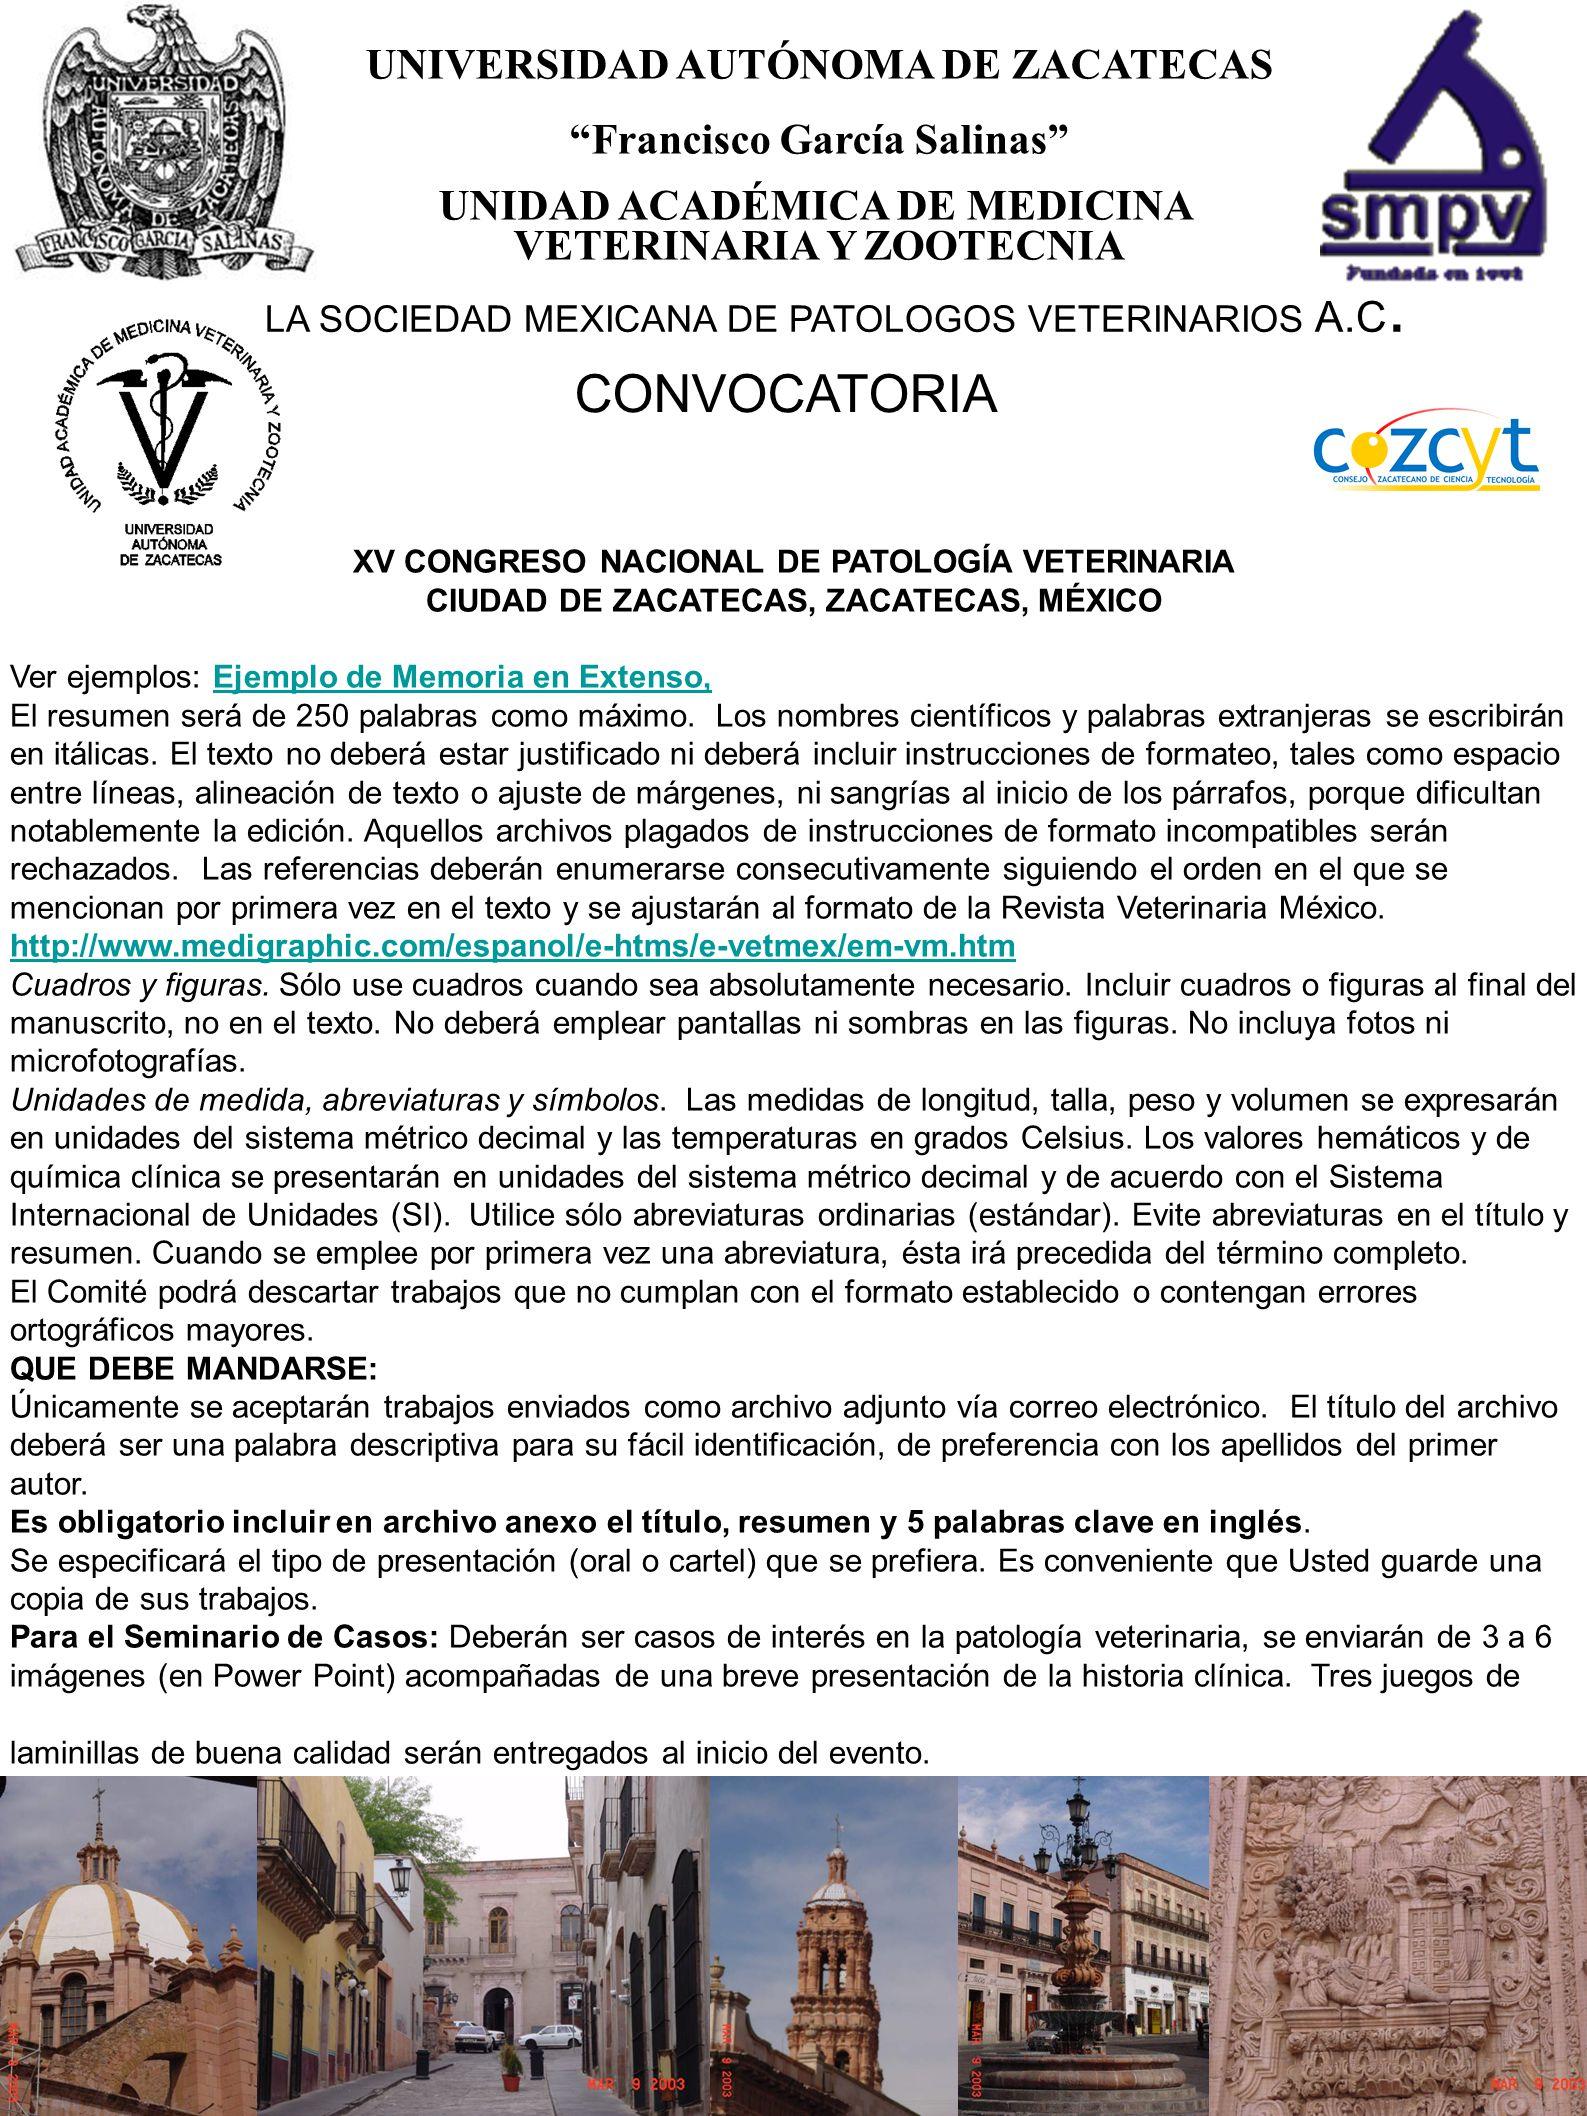 5 UNIVERSIDAD AUTÓNOMA DE ZACATECAS Francisco García Salinas UNIDAD ACADÉMICA DE MEDICINA VETERINARIA Y ZOOTECNIA CONVOCATORIA LA SOCIEDAD MEXICANA DE PATOLOGOS VETERINARIOS A.C.